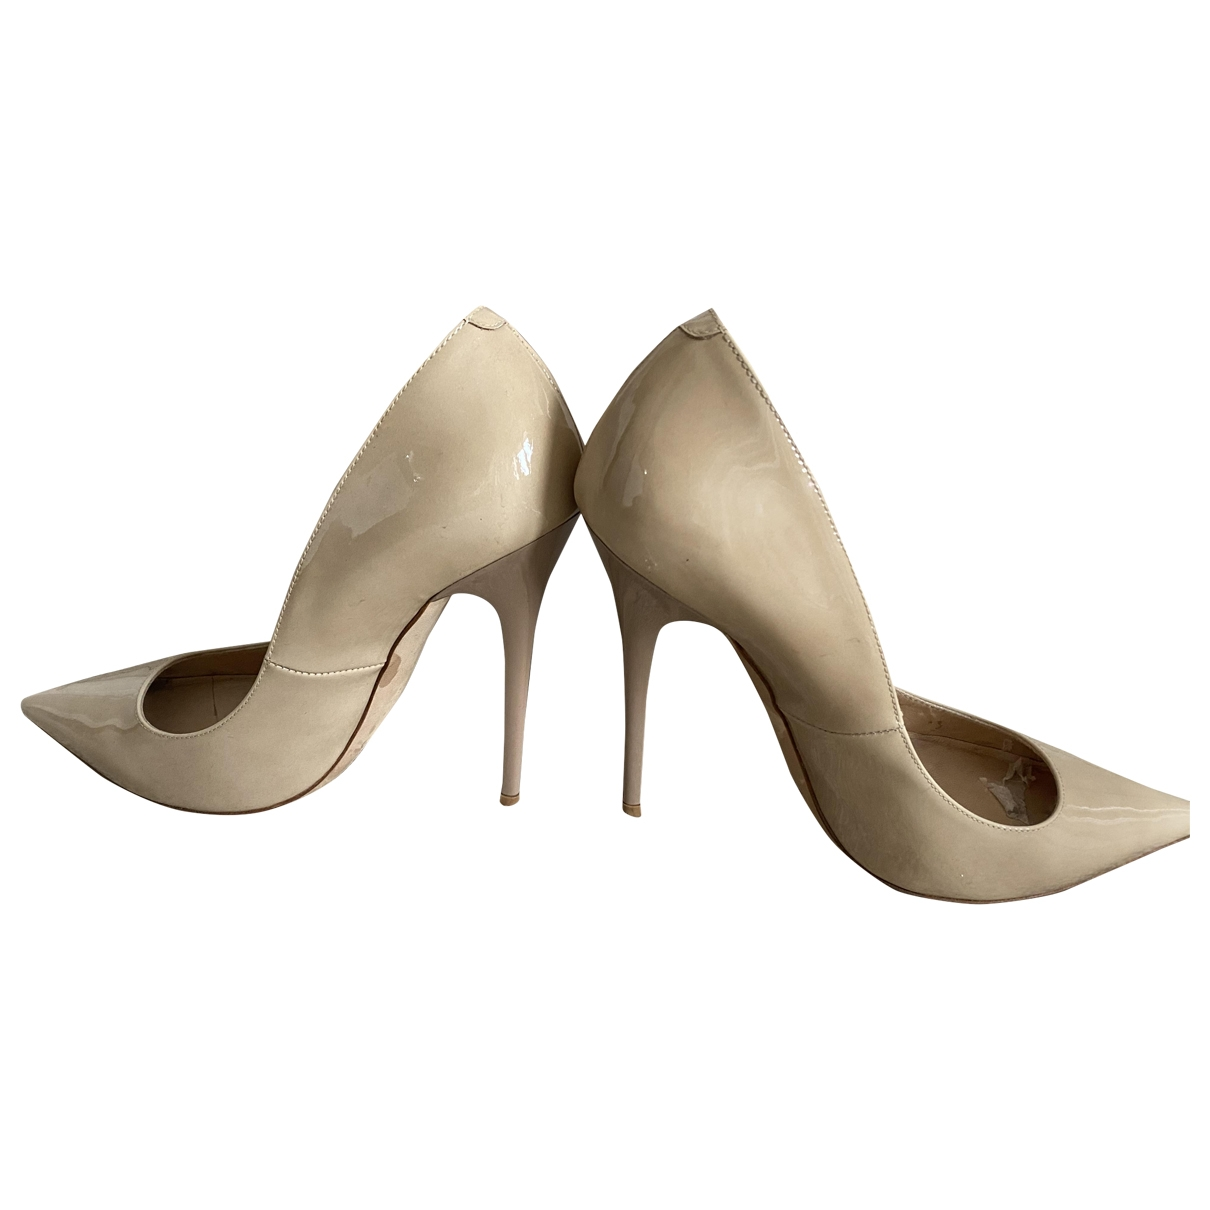 Jimmy Choo Anouk Beige Leather Heels for Women 5 UK